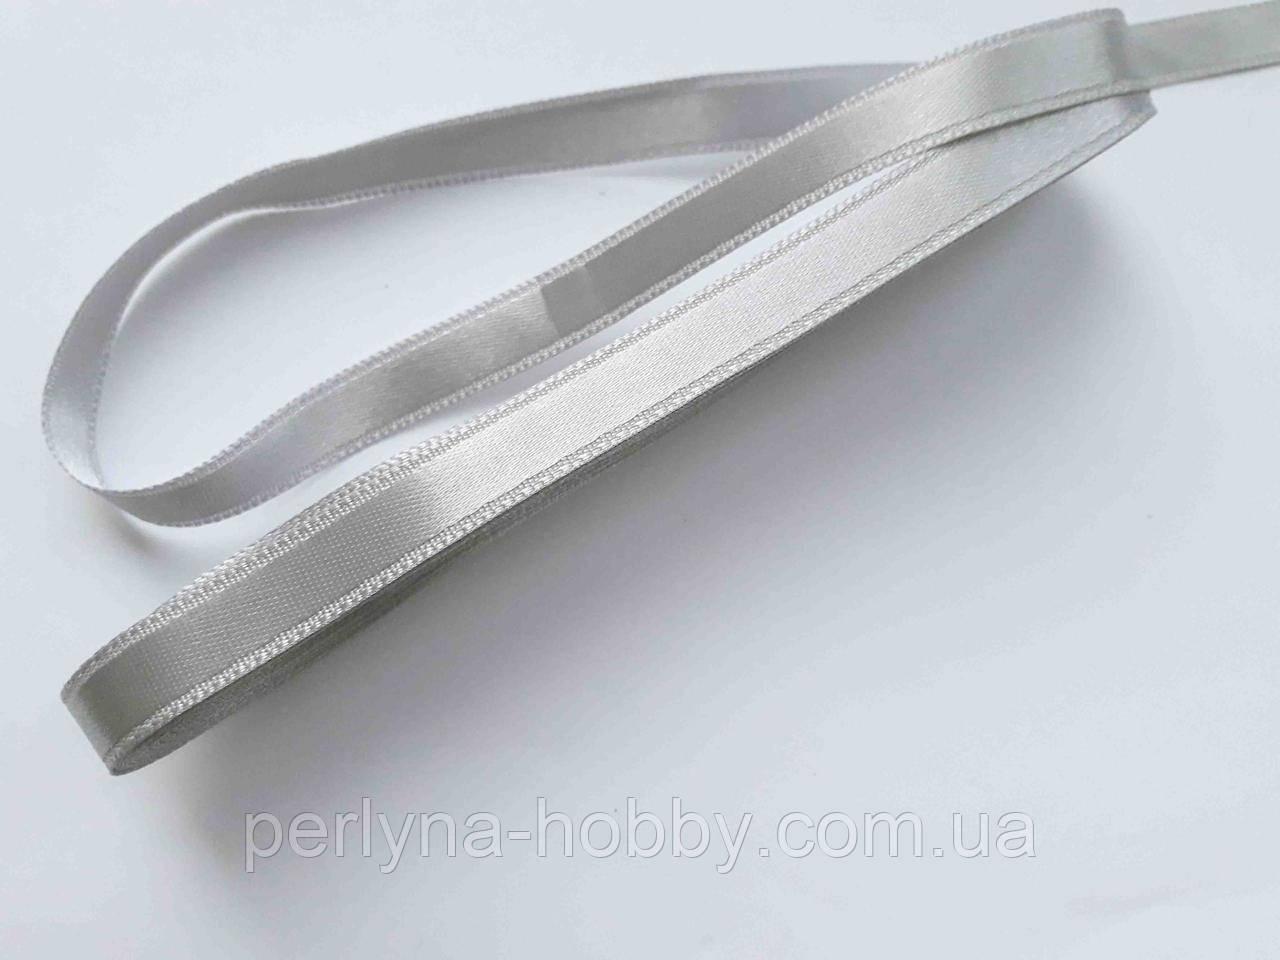 Стрічка атласна  двостороння 1 см. (10 метрів) сірий сталь 810